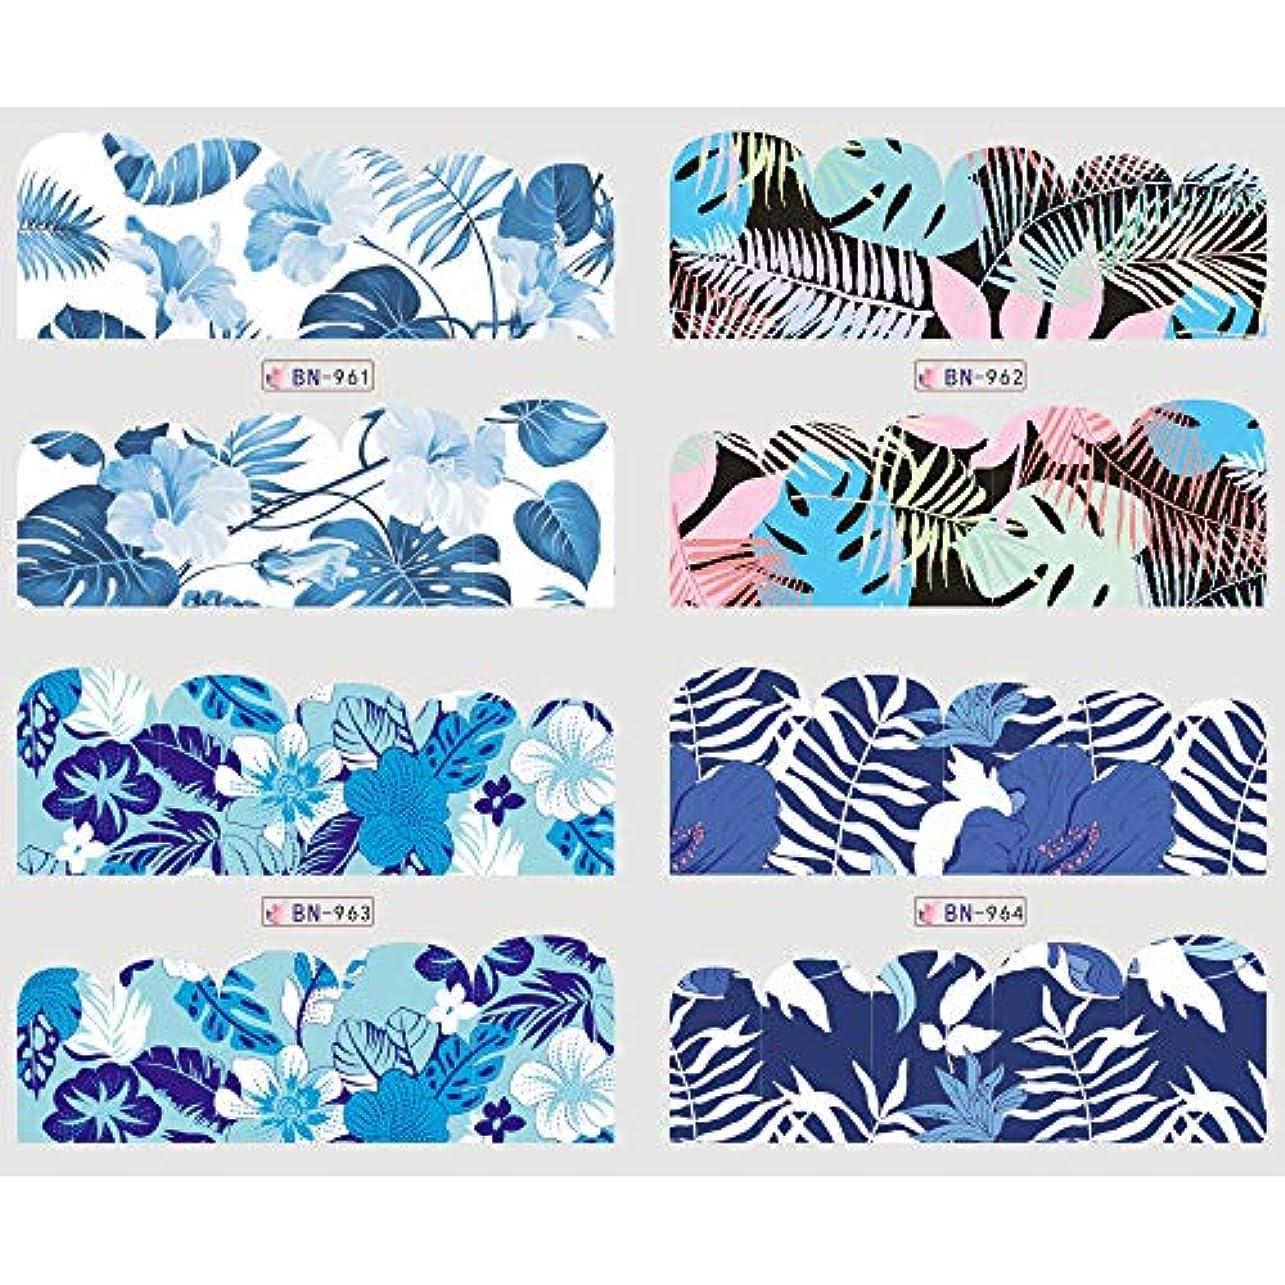 あたり区画香りSUKTI&XIAO ネイルステッカー 12デザイントロピカルジャングルウォーターネイルデカールステッカーセットタトゥースライダー植物フラワーデザイン装飾マニキュアチップ